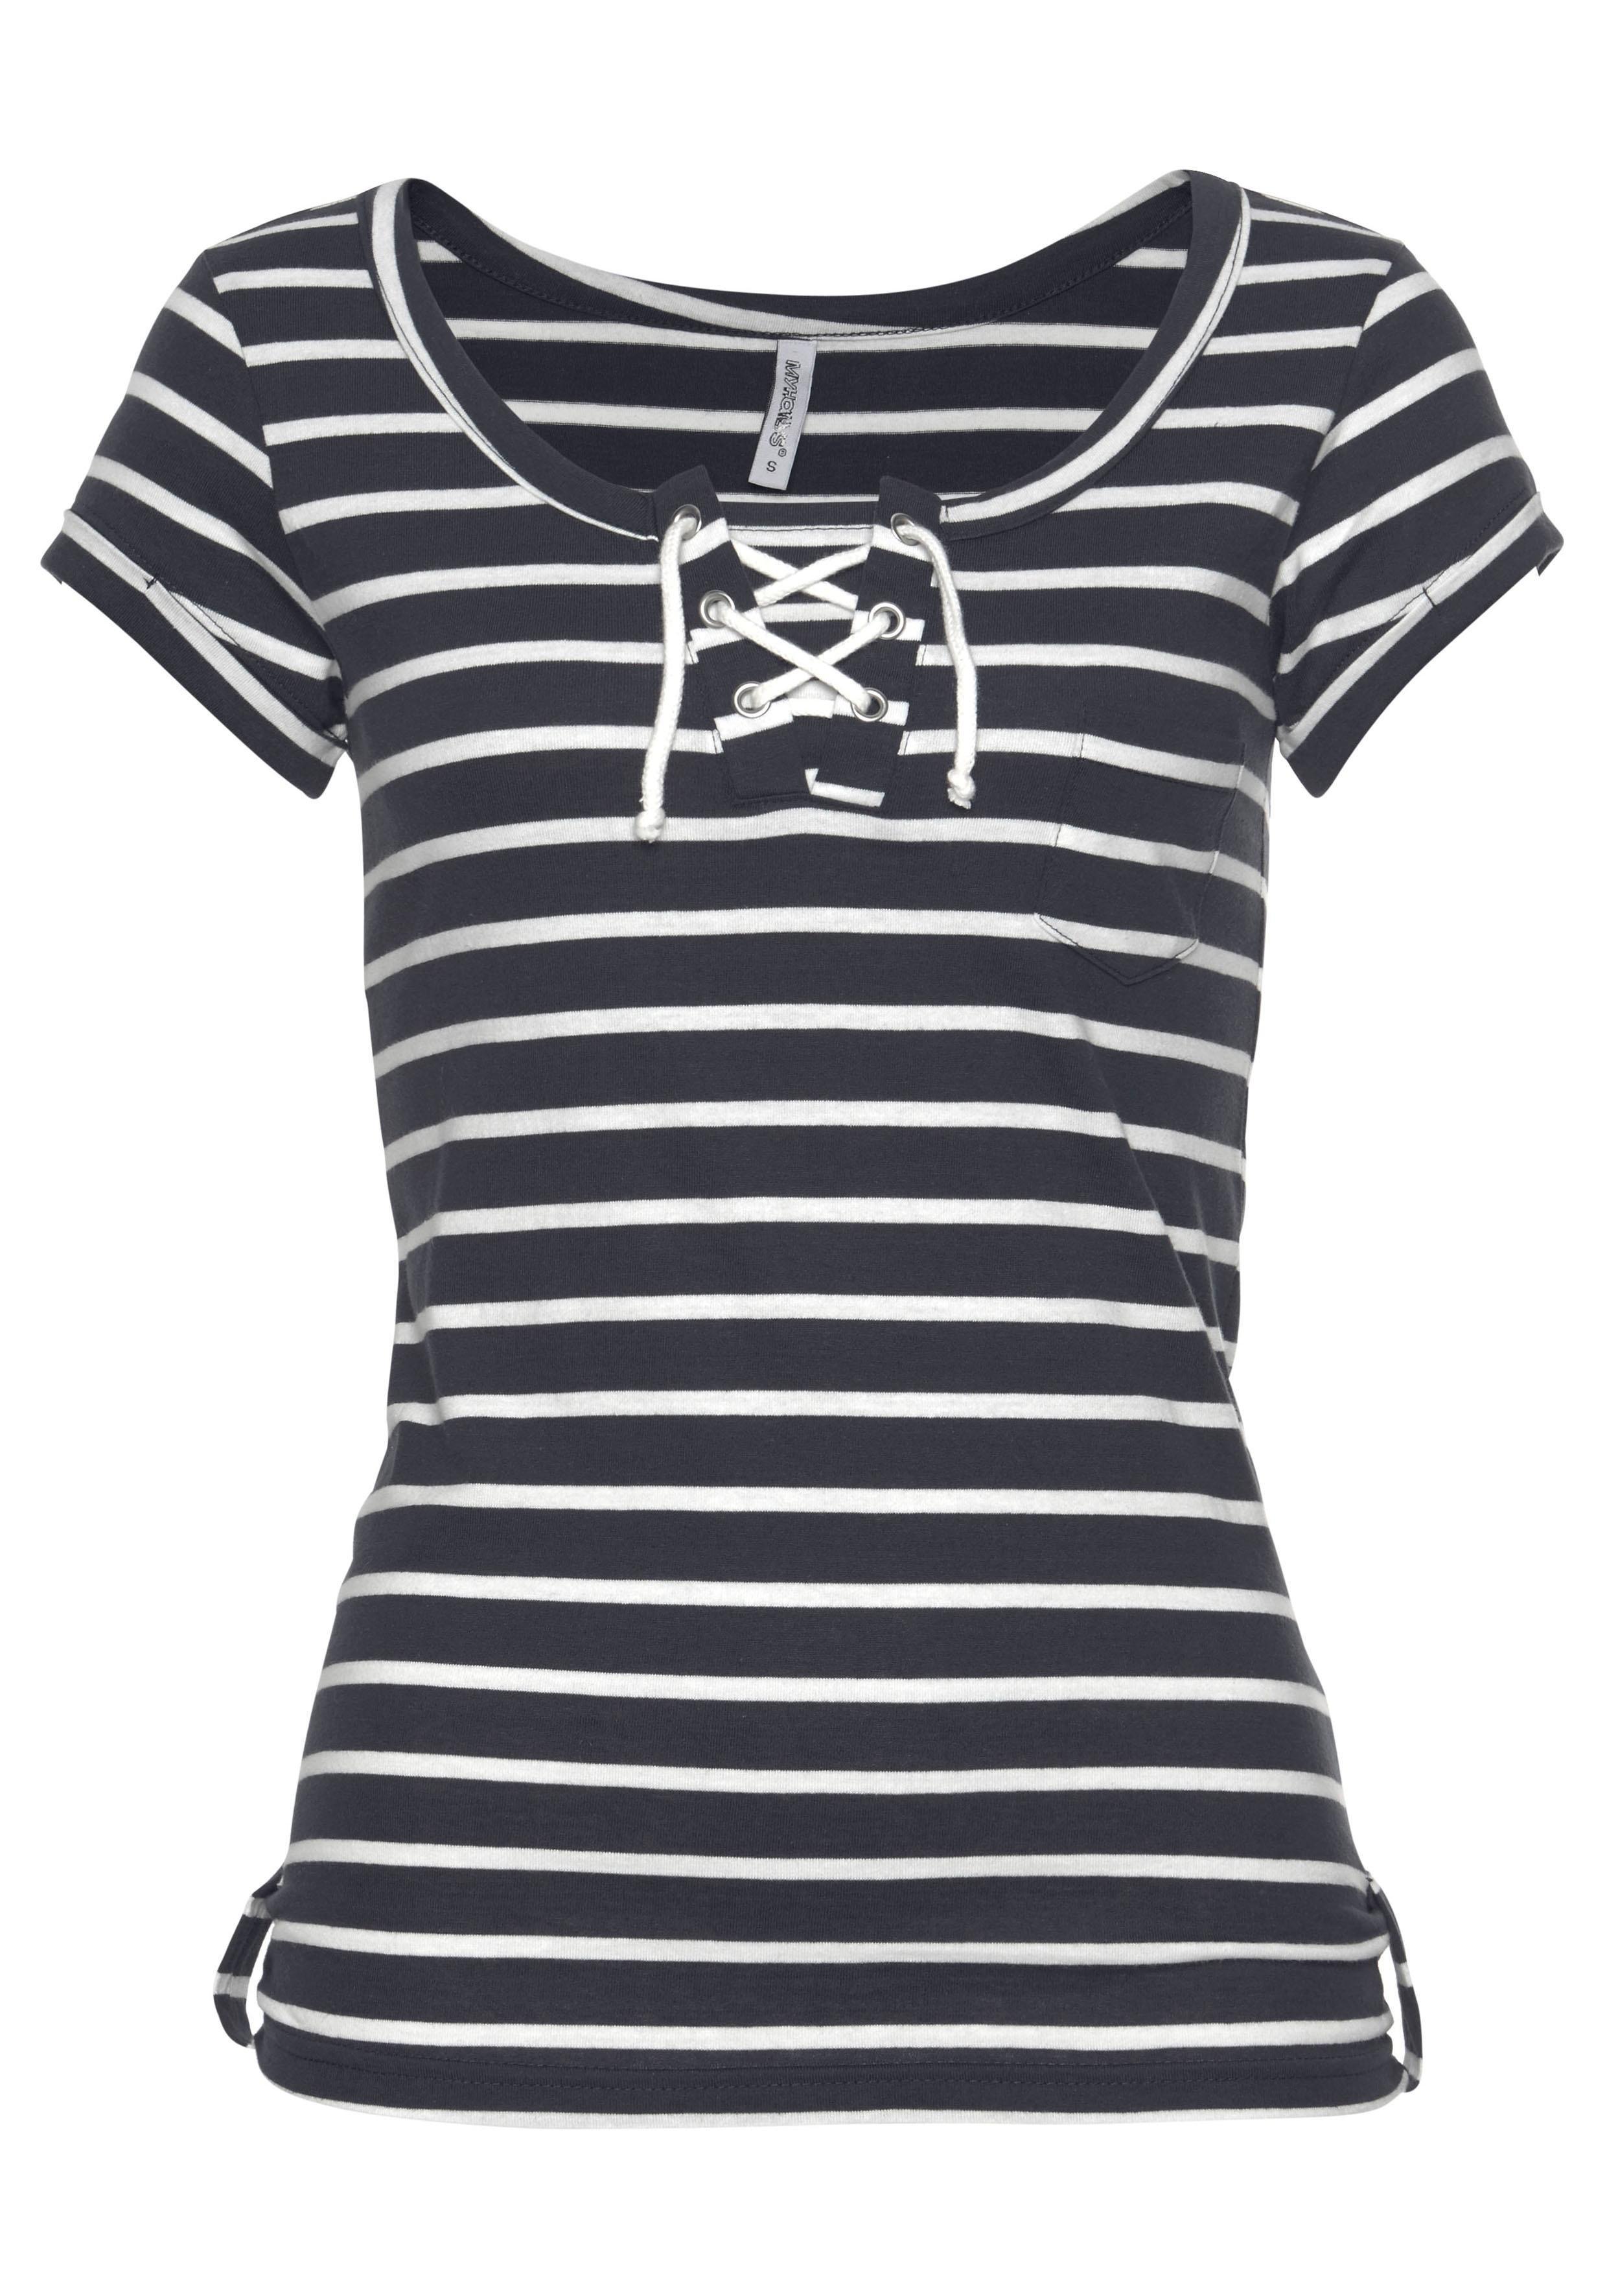 Bestellen Halsfloreen Shirt Online Ronde Hailys Met BWdeQrCxo